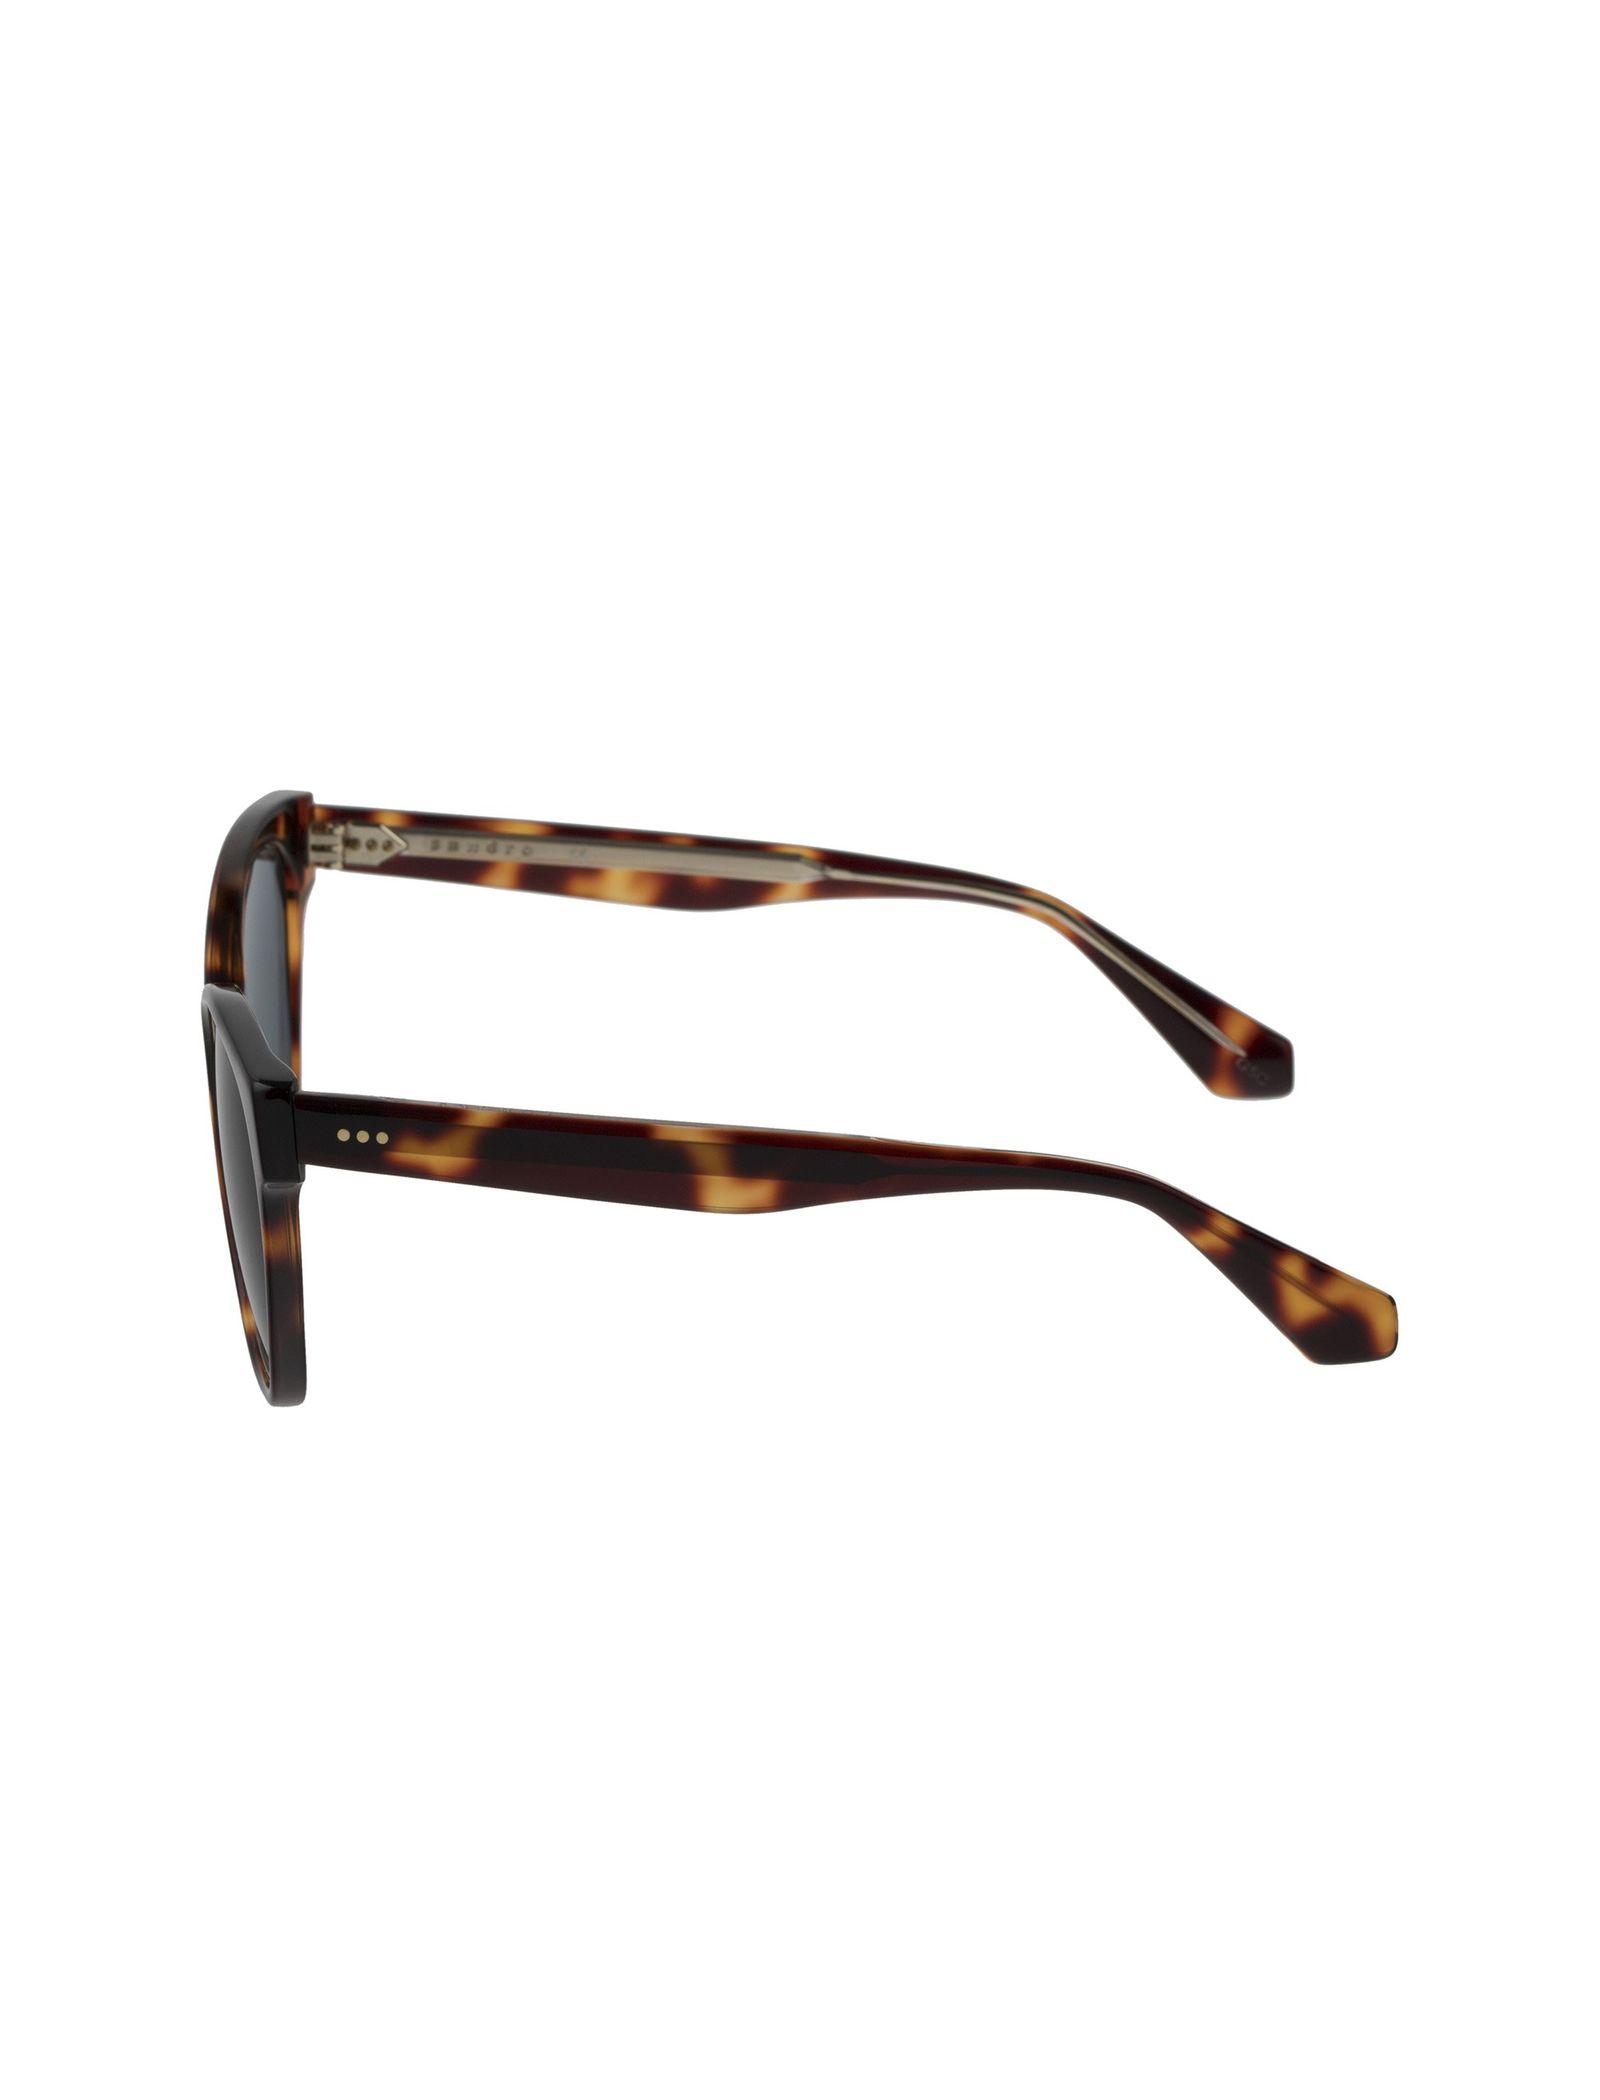 عینک آفتابی ویفرر زنانه - ساندرو - قهوه اي - 3